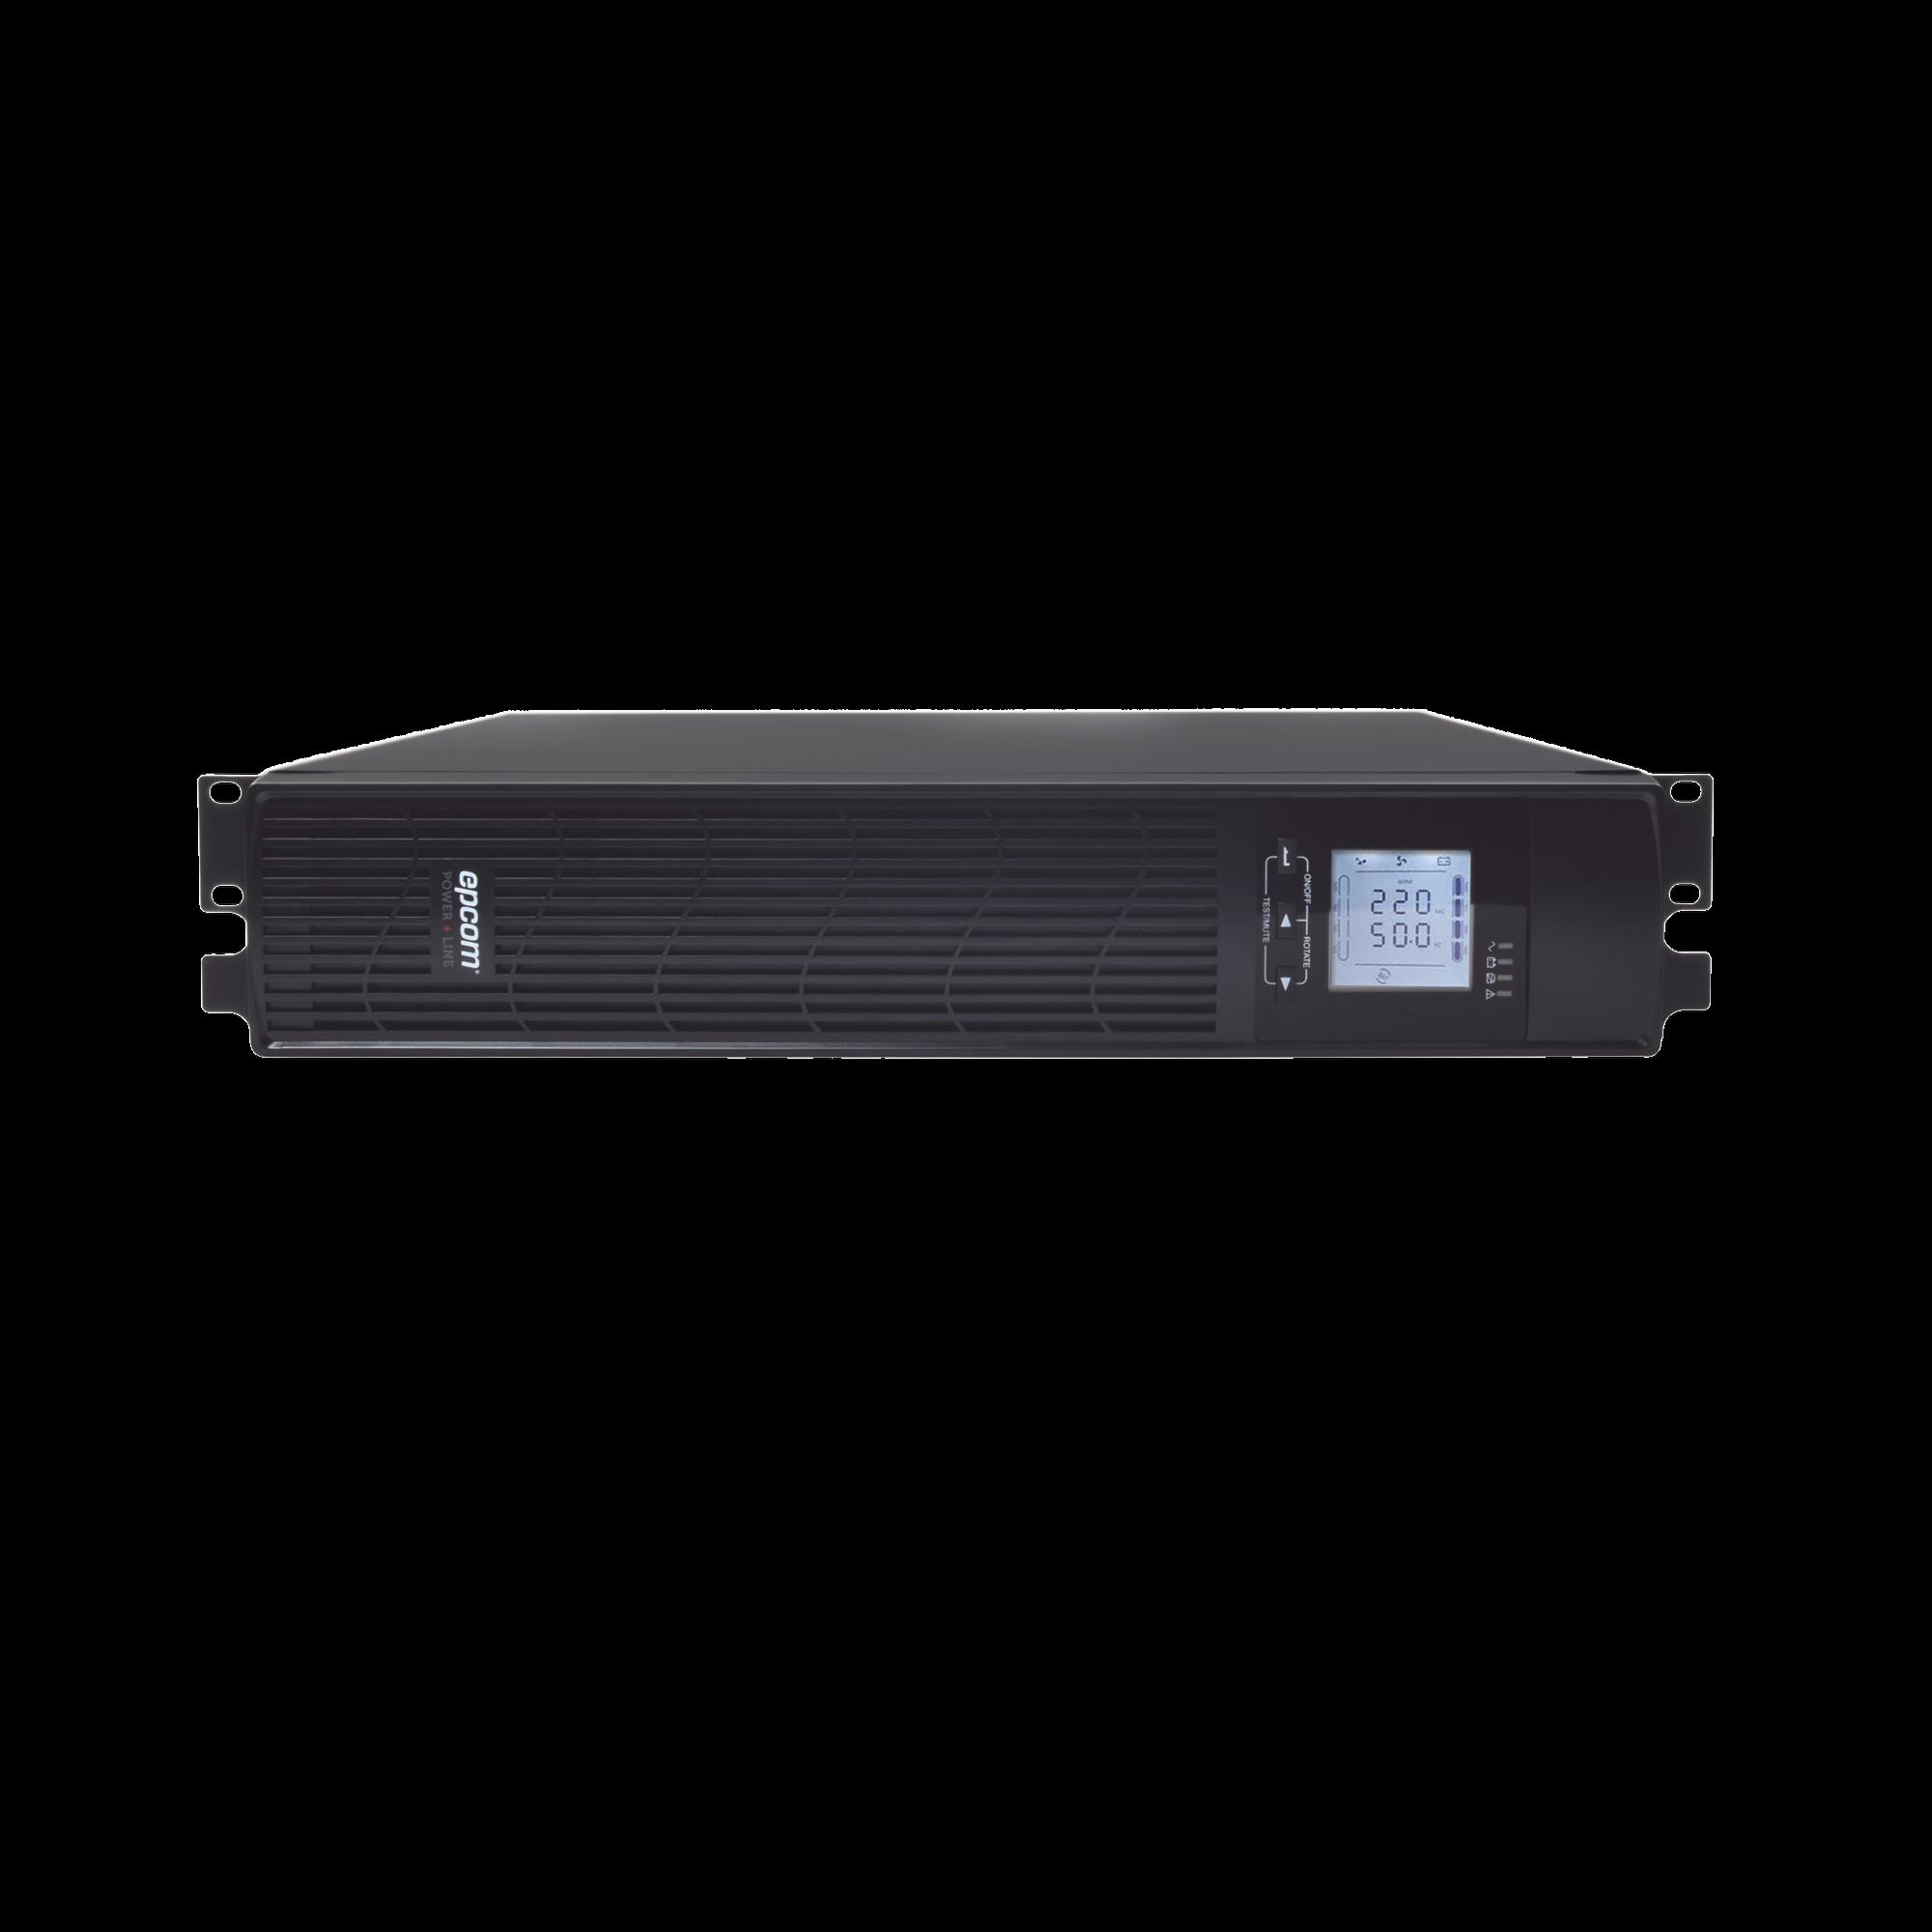 UPS de 1000VA/900W / Topología On-Line Doble Conversión / Entrada y Salida de 120 Vca / Clavija de Entrada NEMA 5-15P / Pantalla LCD Configurable /Formato Rack/Torre